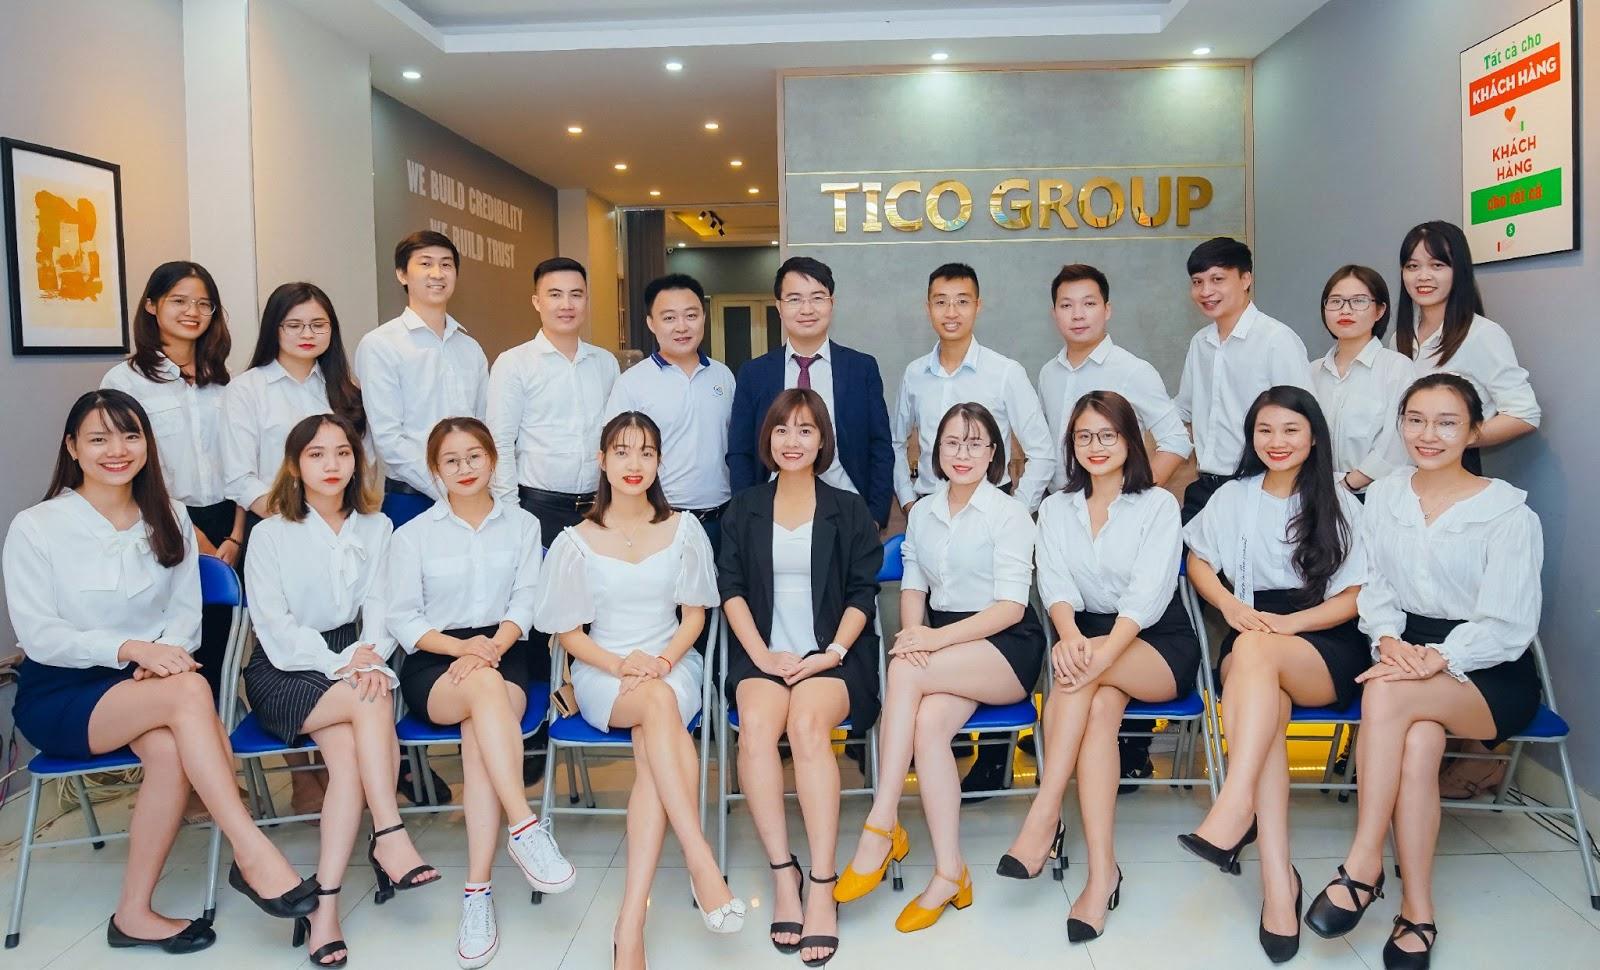 Tico Travel - lựa chọn hoàn hảo cho chuyến du lịch của bạn